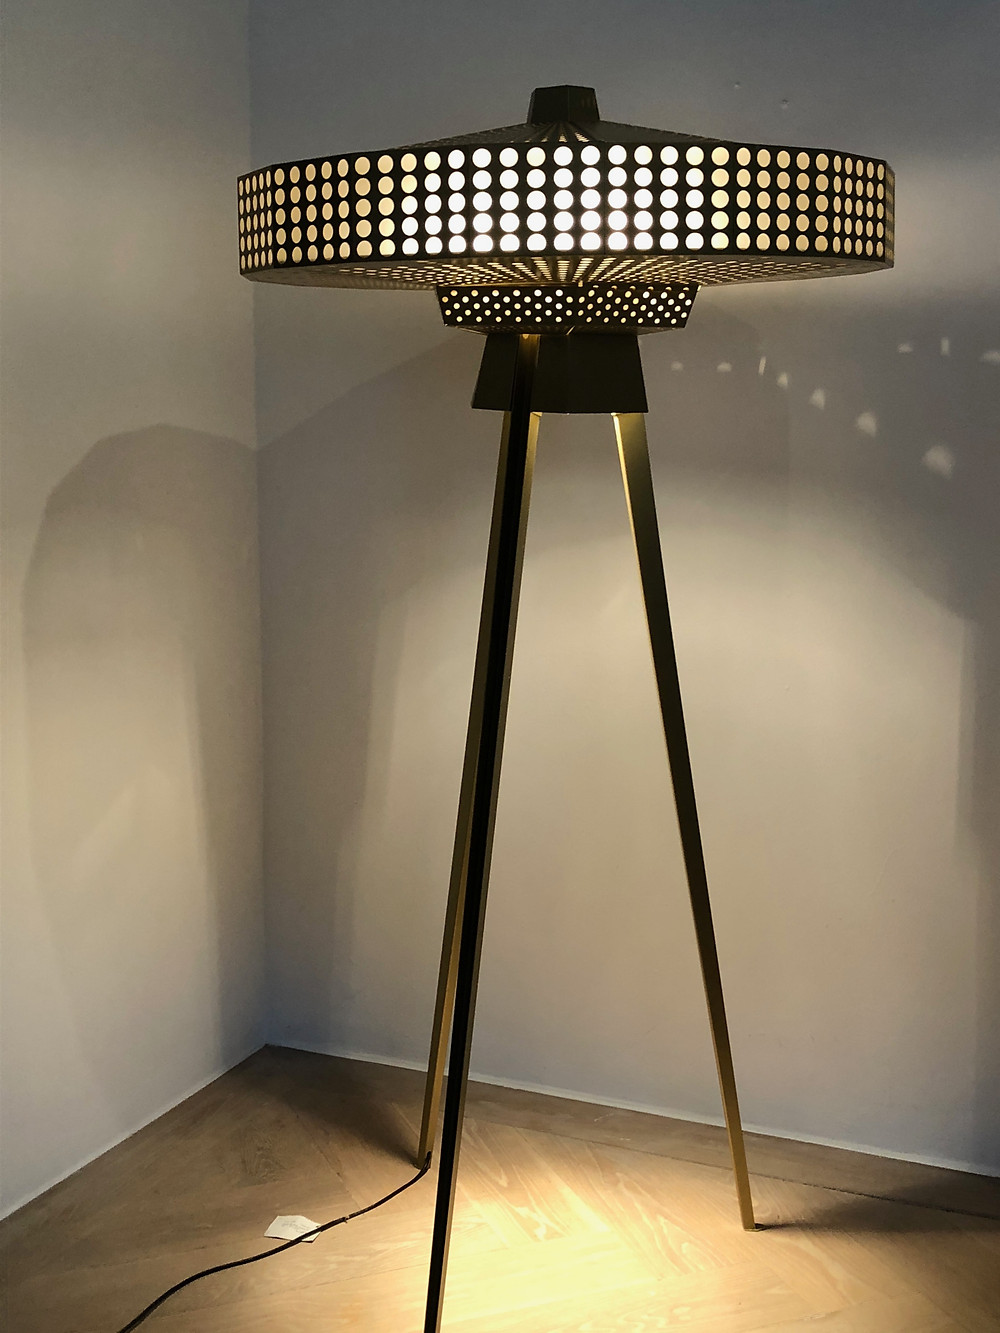 オランダでみた照明スタンド。大ぶりで大胆なデザイン。インテリアコーディネーターのブログ。